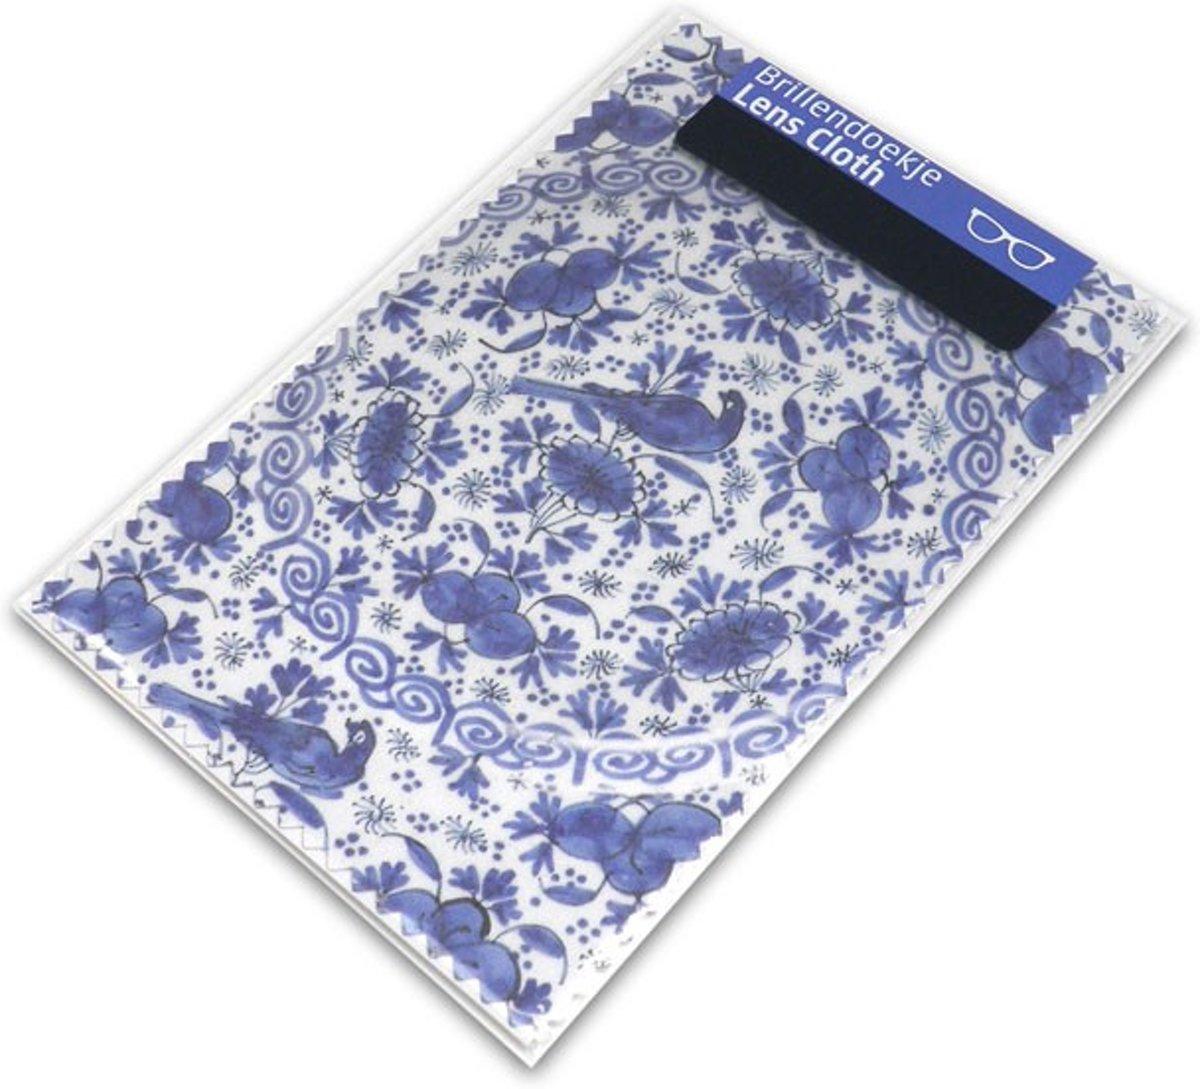 Brillendoekje, Delfts Blauw, Bord van faience kopen